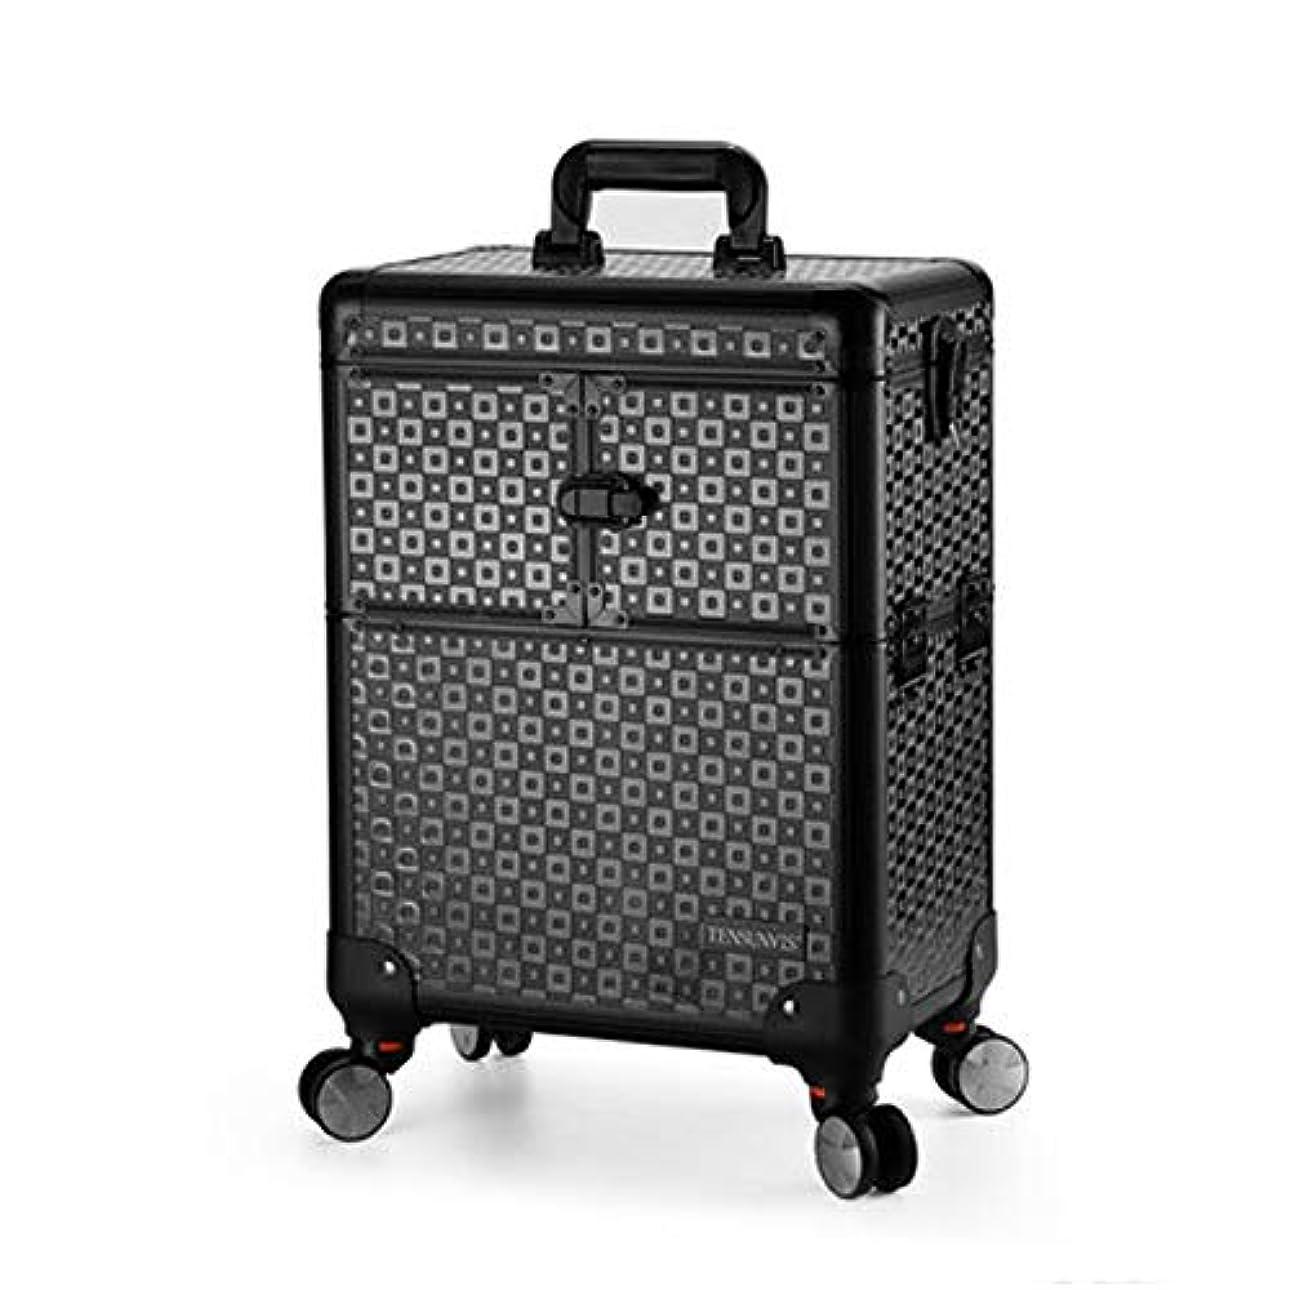 再生可能スカリー作り上げるプロ専用 美容師 クローゼット スーツケース メイクボックス キャリーバッグ ヘアメイク プロ 大容量 軽量 高品質 多機能 I-TT-4622-TB-T